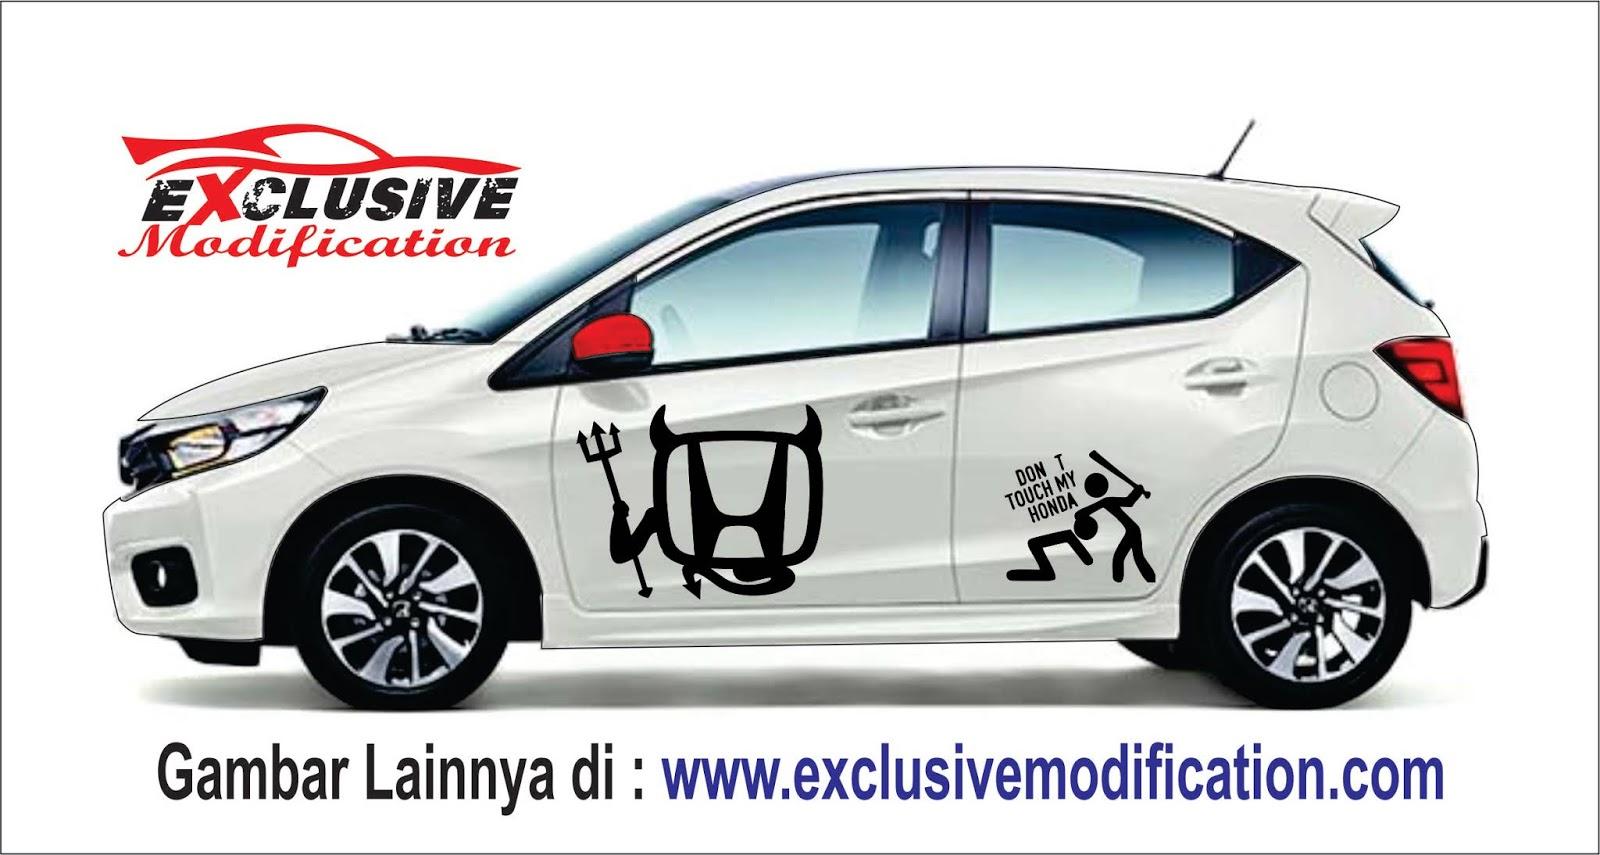 81 Modifikasi Stiker Mobil Brio Putih HD Terbaru